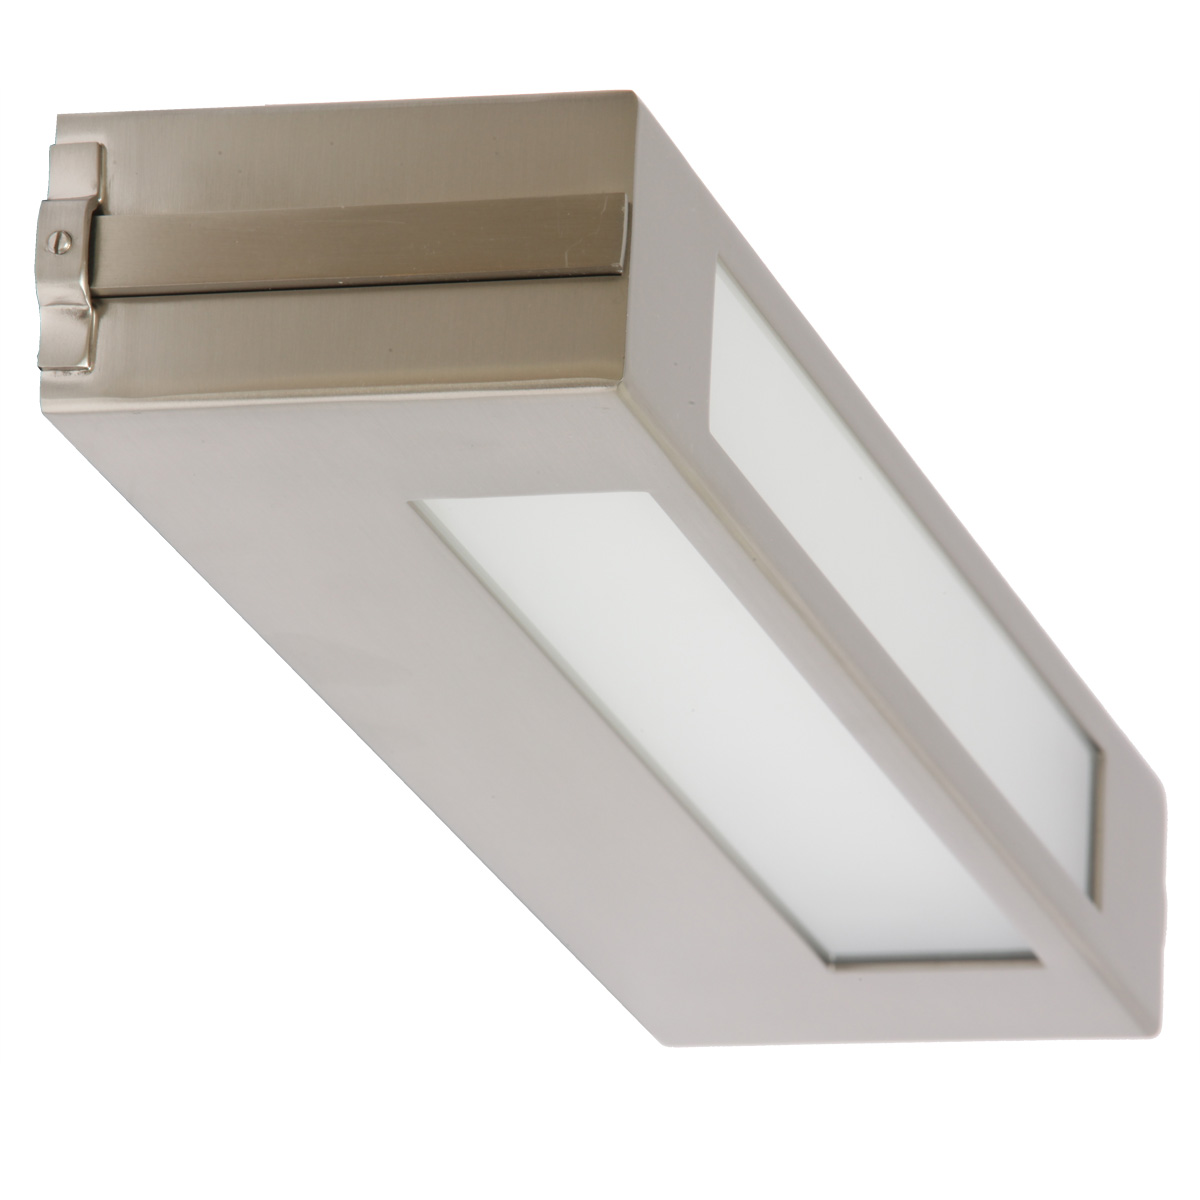 puristische bad wandleuchte mit ip 44 ideal f r spiegel casa lumi. Black Bedroom Furniture Sets. Home Design Ideas